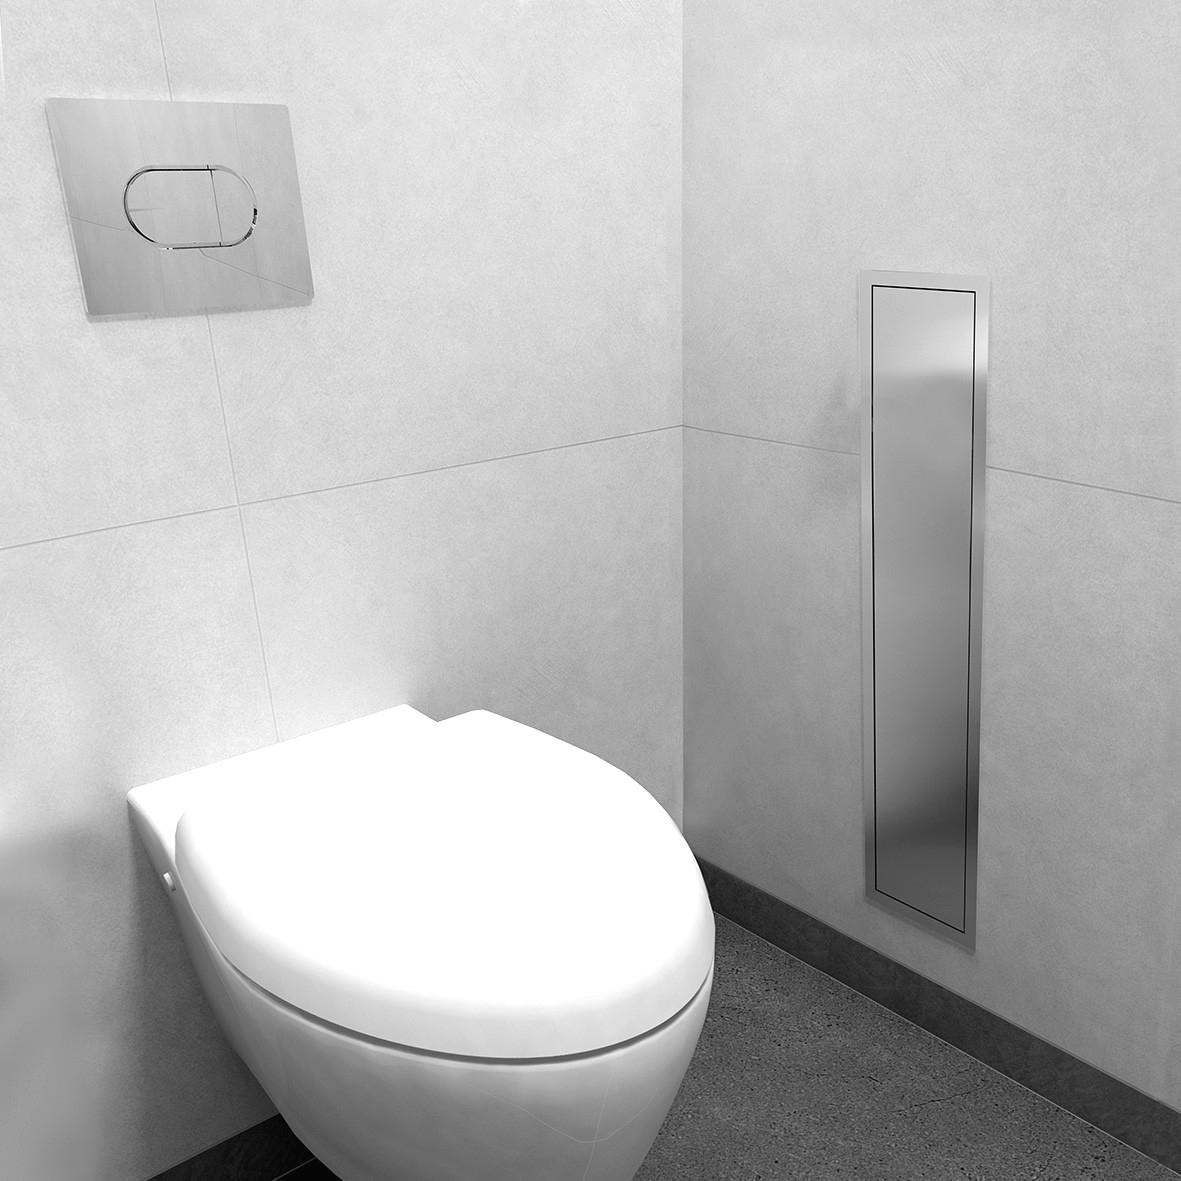 Brosse Wc Suspendu Portebrosse Wc Mural Nuova De Roca With destiné Toilette Suspendu Pas Cher